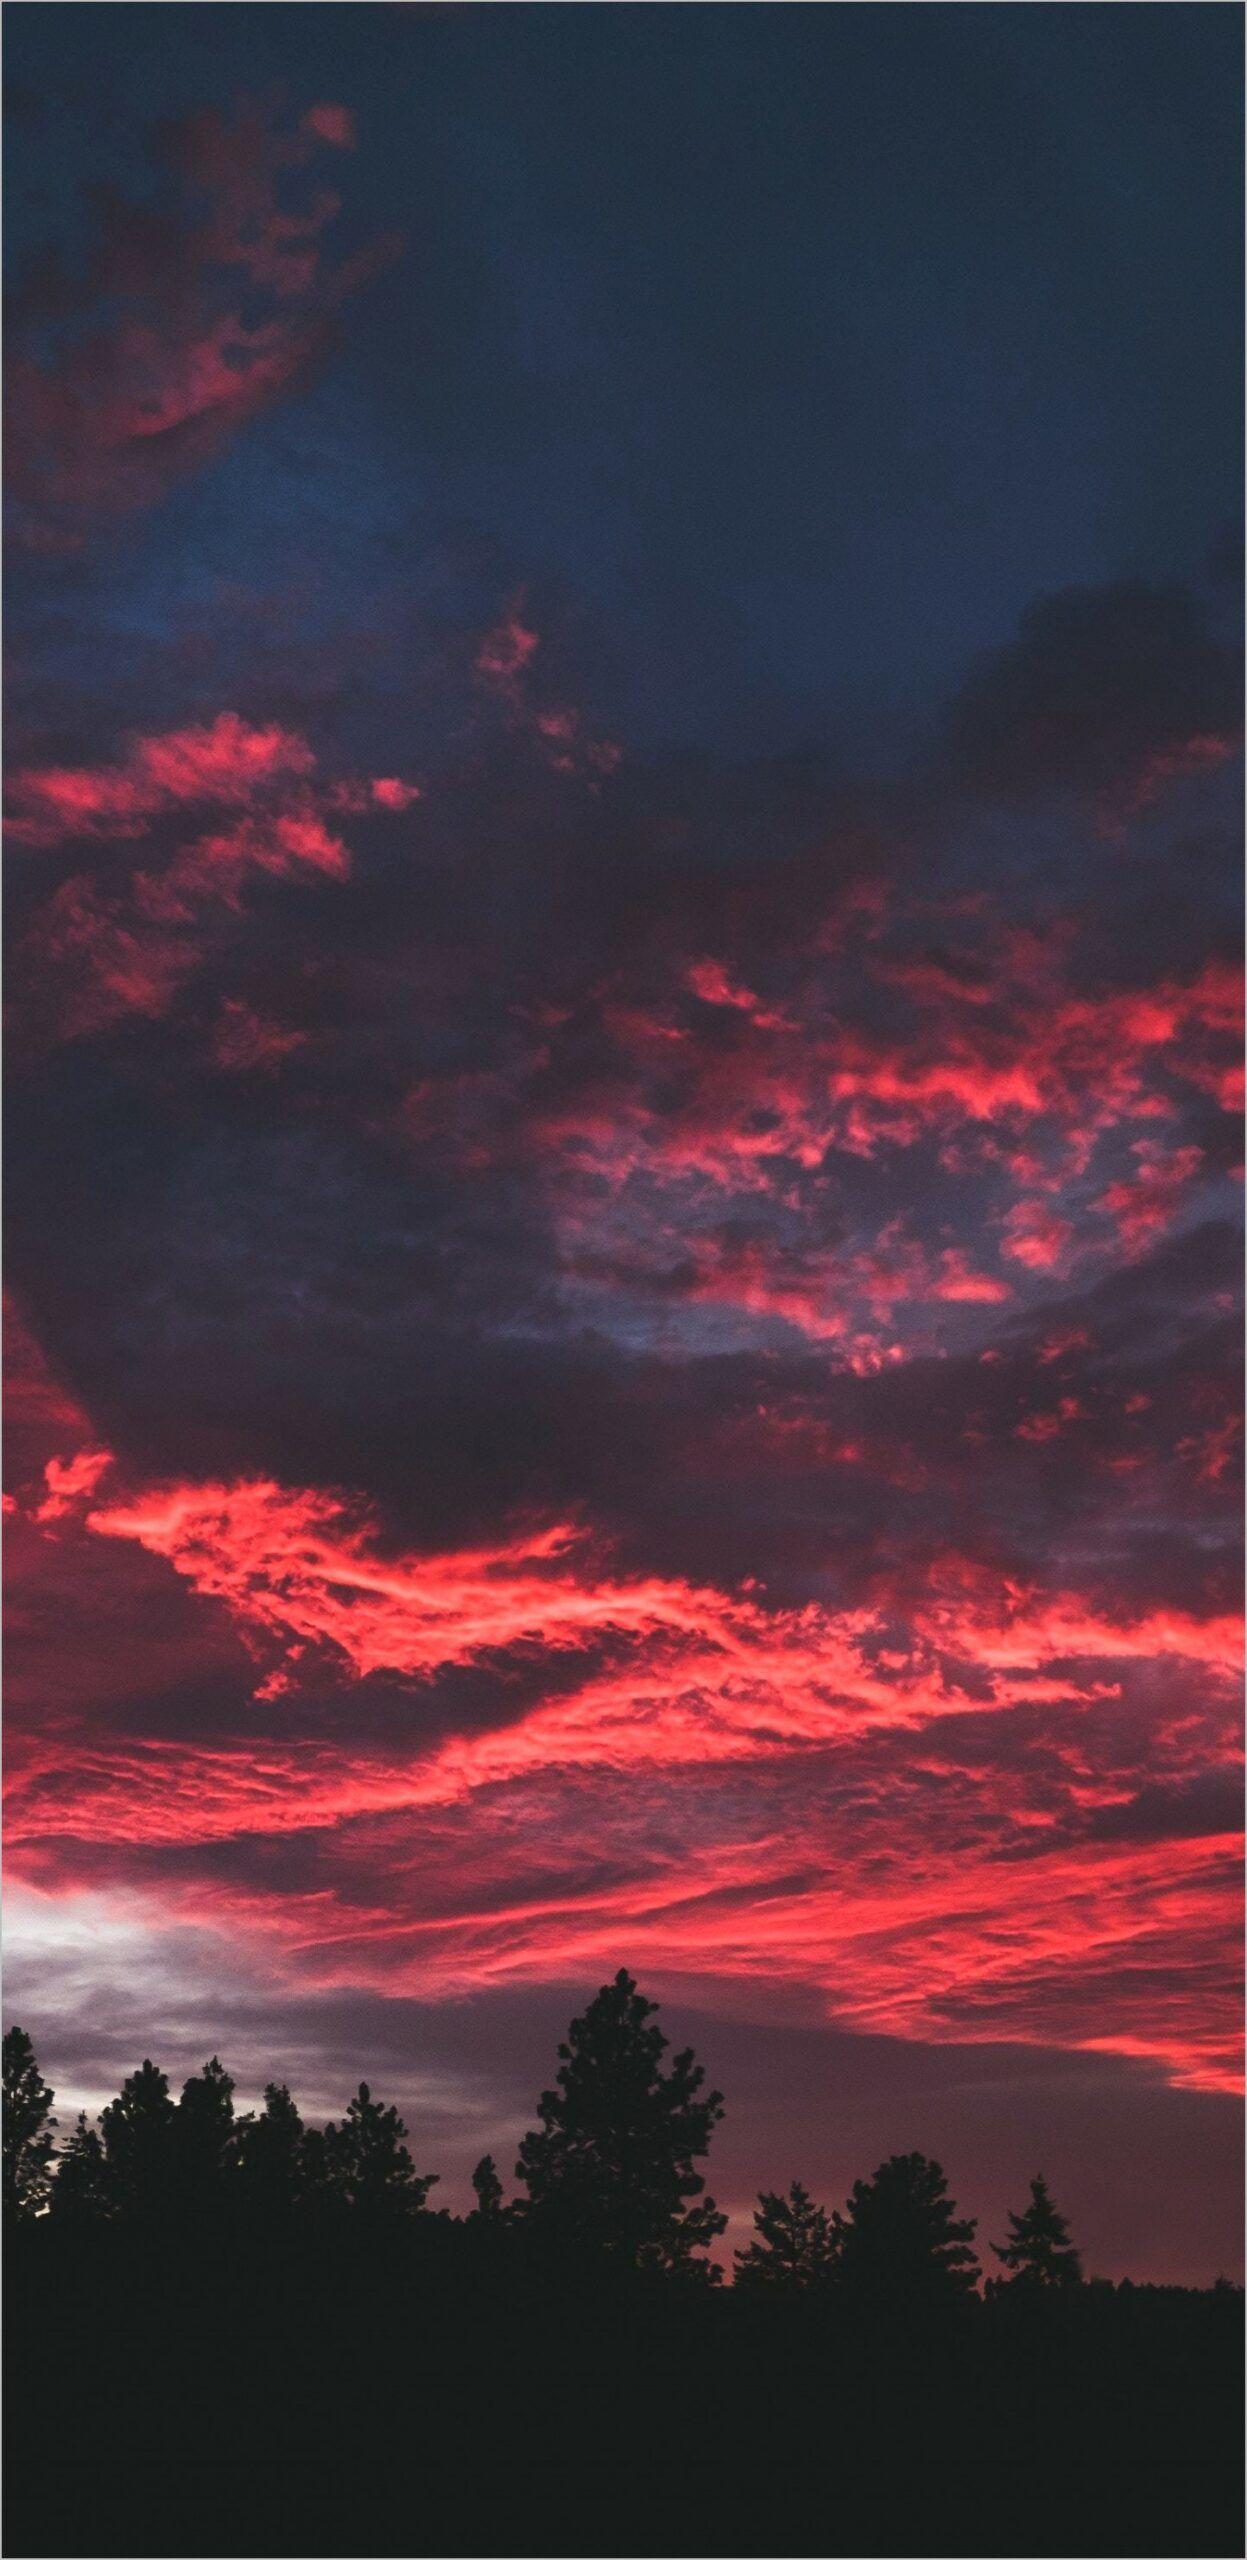 4k Wallpaper Samsung S8 Samsung Wallpaper Sunset Wallpaper Sky Aesthetic